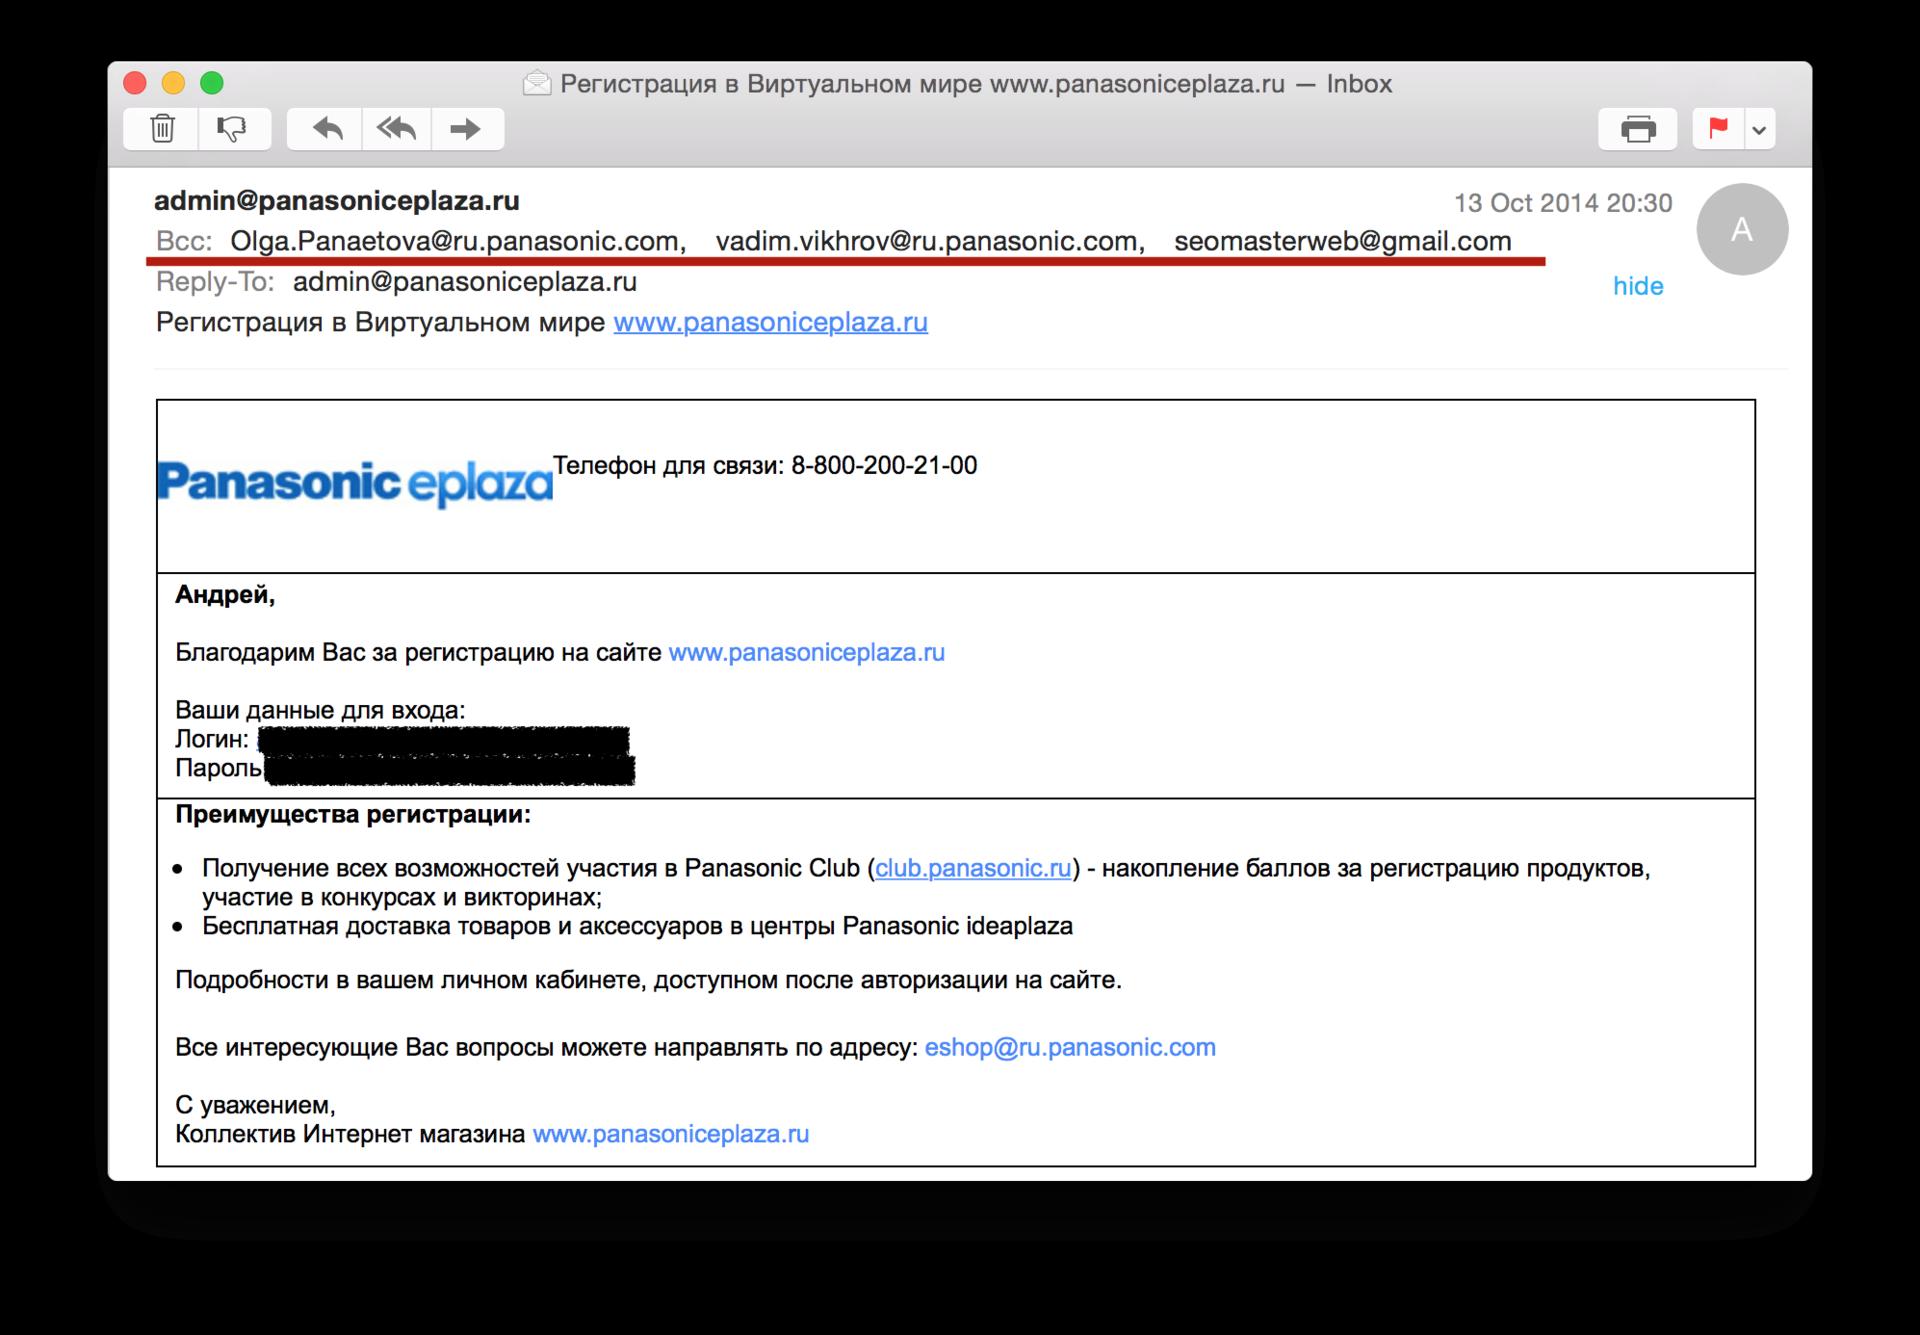 Официальный интернет магазин Panasonic пересылает пароль в открытом виде и в копию 3 адресатам